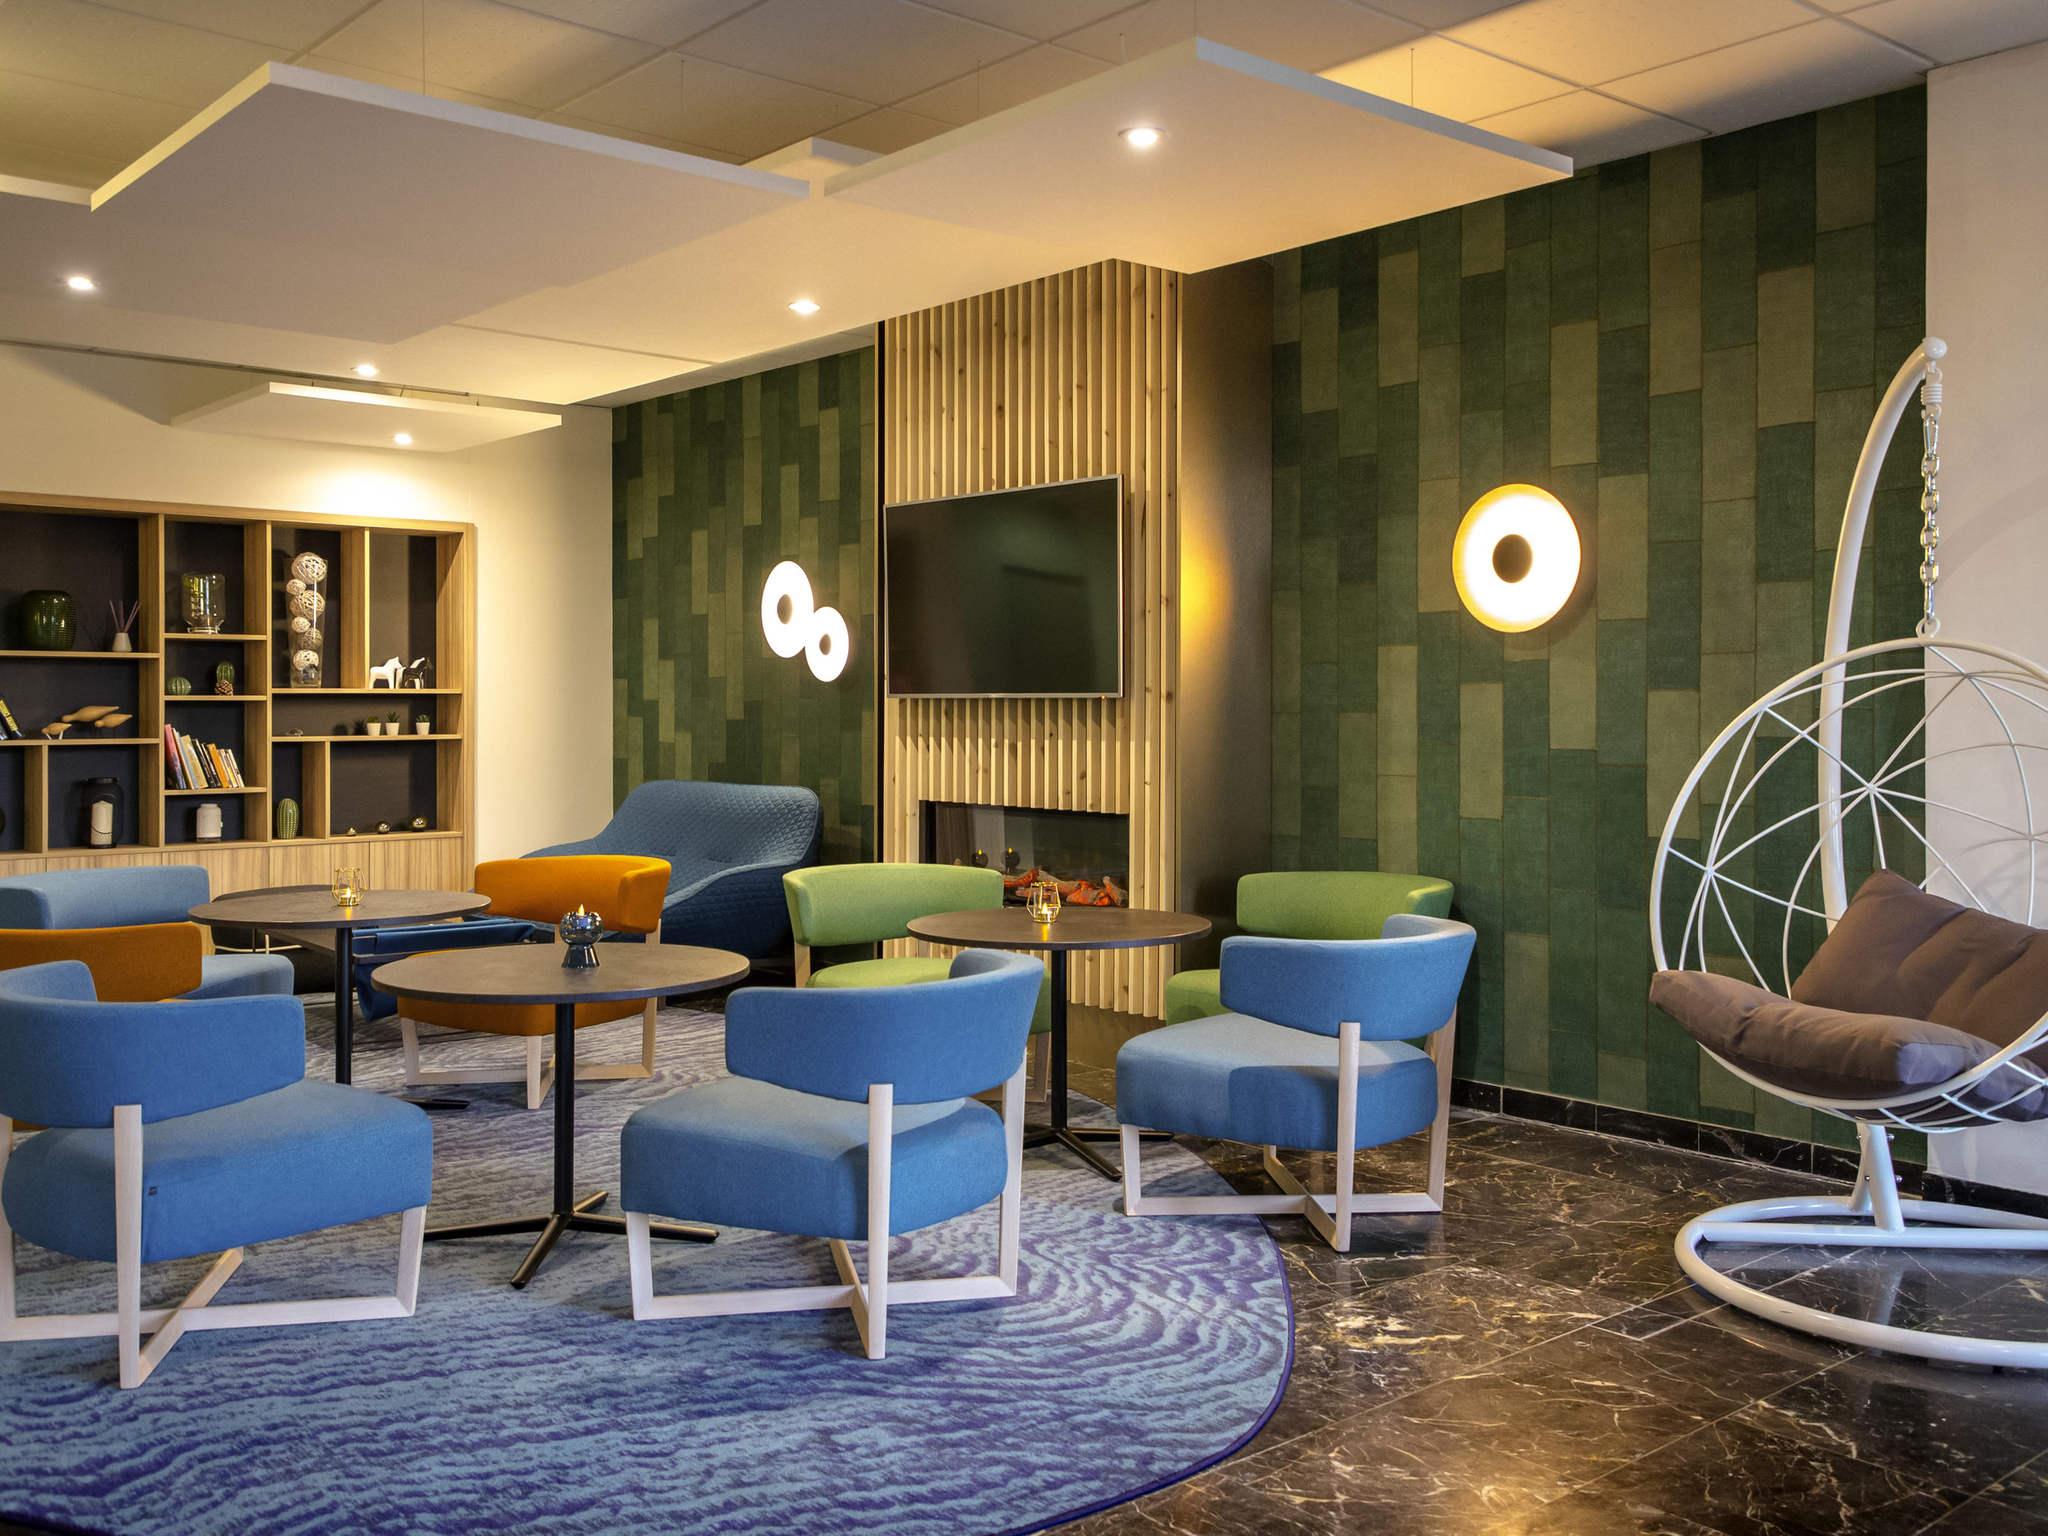 Hotel a cavaillon ibis cavaillon luberon for Hotel avignon piscine